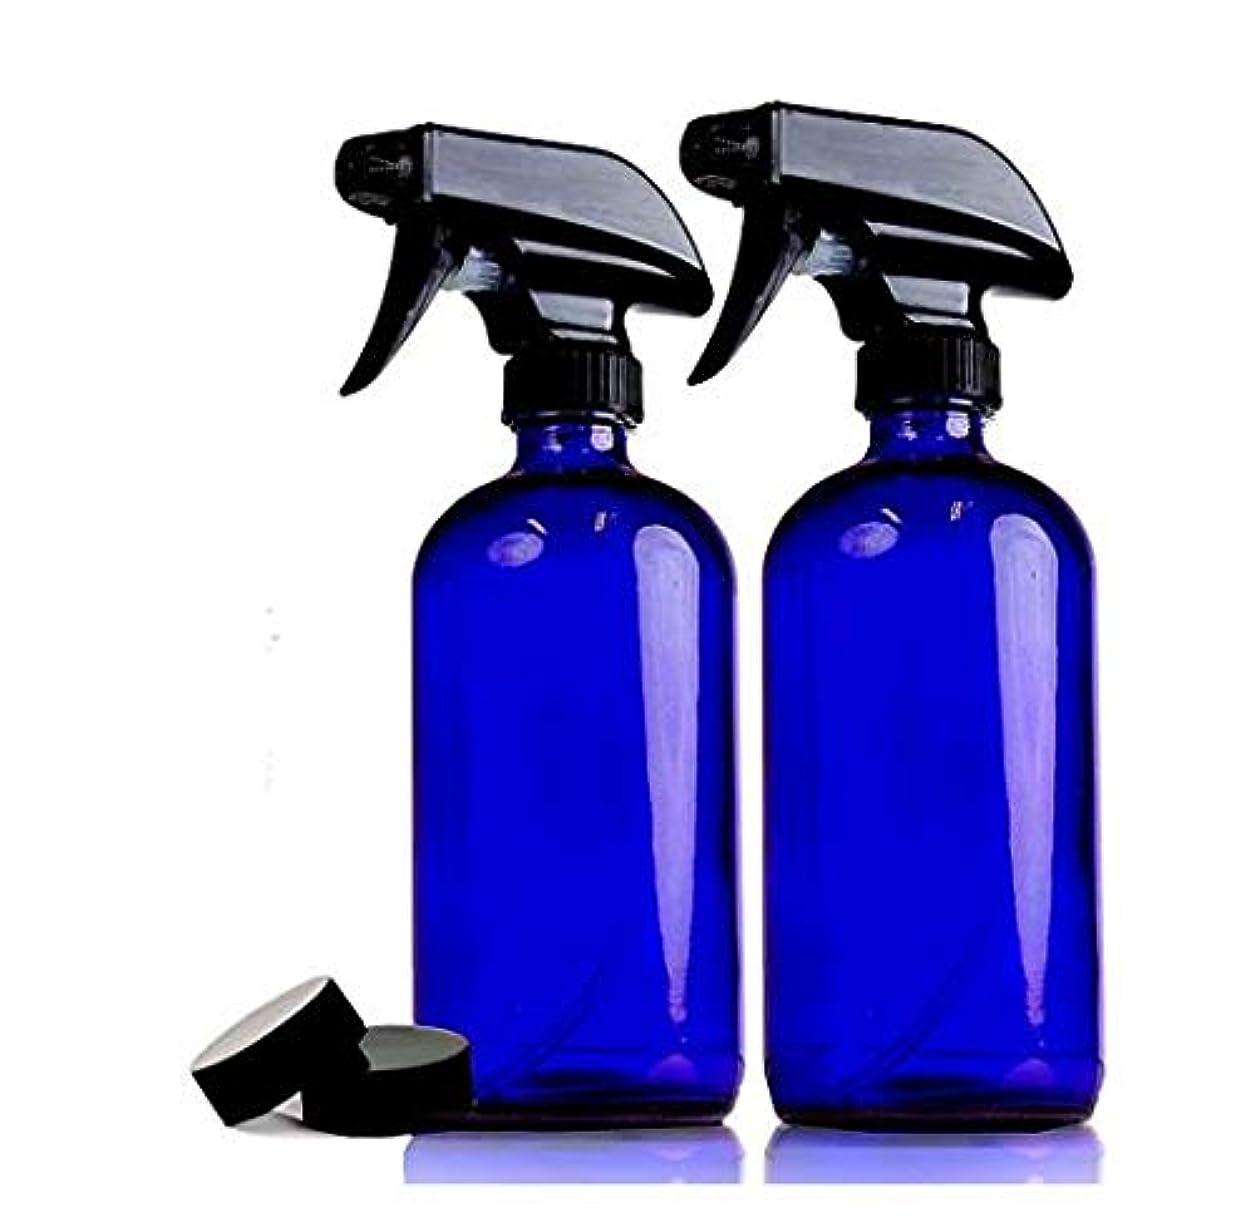 告白するクラス柱2本セット 遮光瓶 コバルトブルー ガラス スプレー ボトル 470ml 青ボトル [並行輸入品]